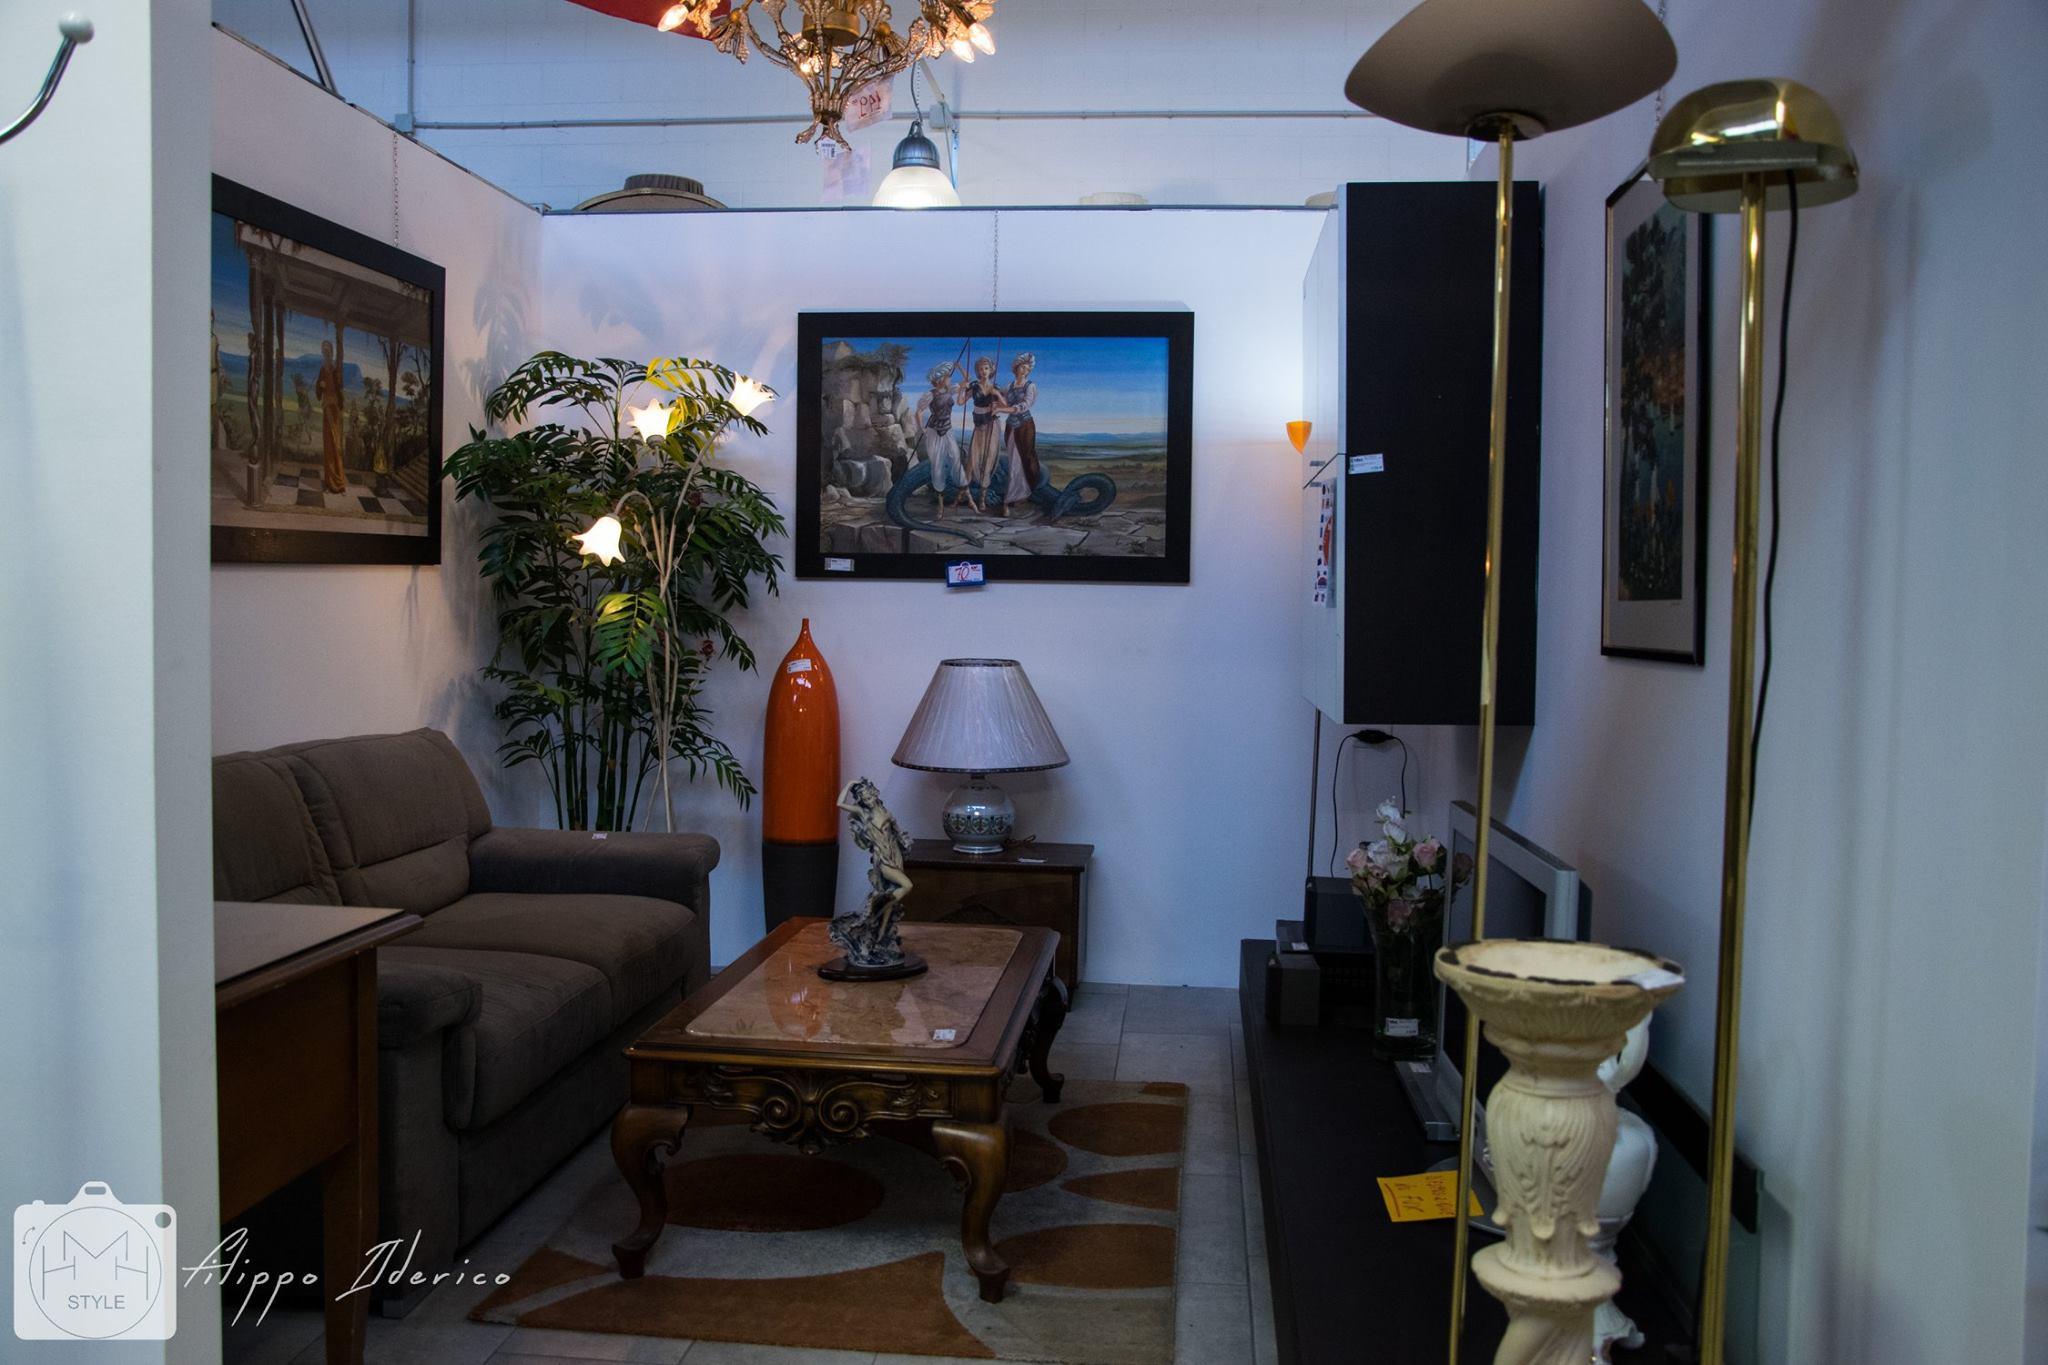 Appartamento dell'usato a Mercatopoli Cesano Maderno